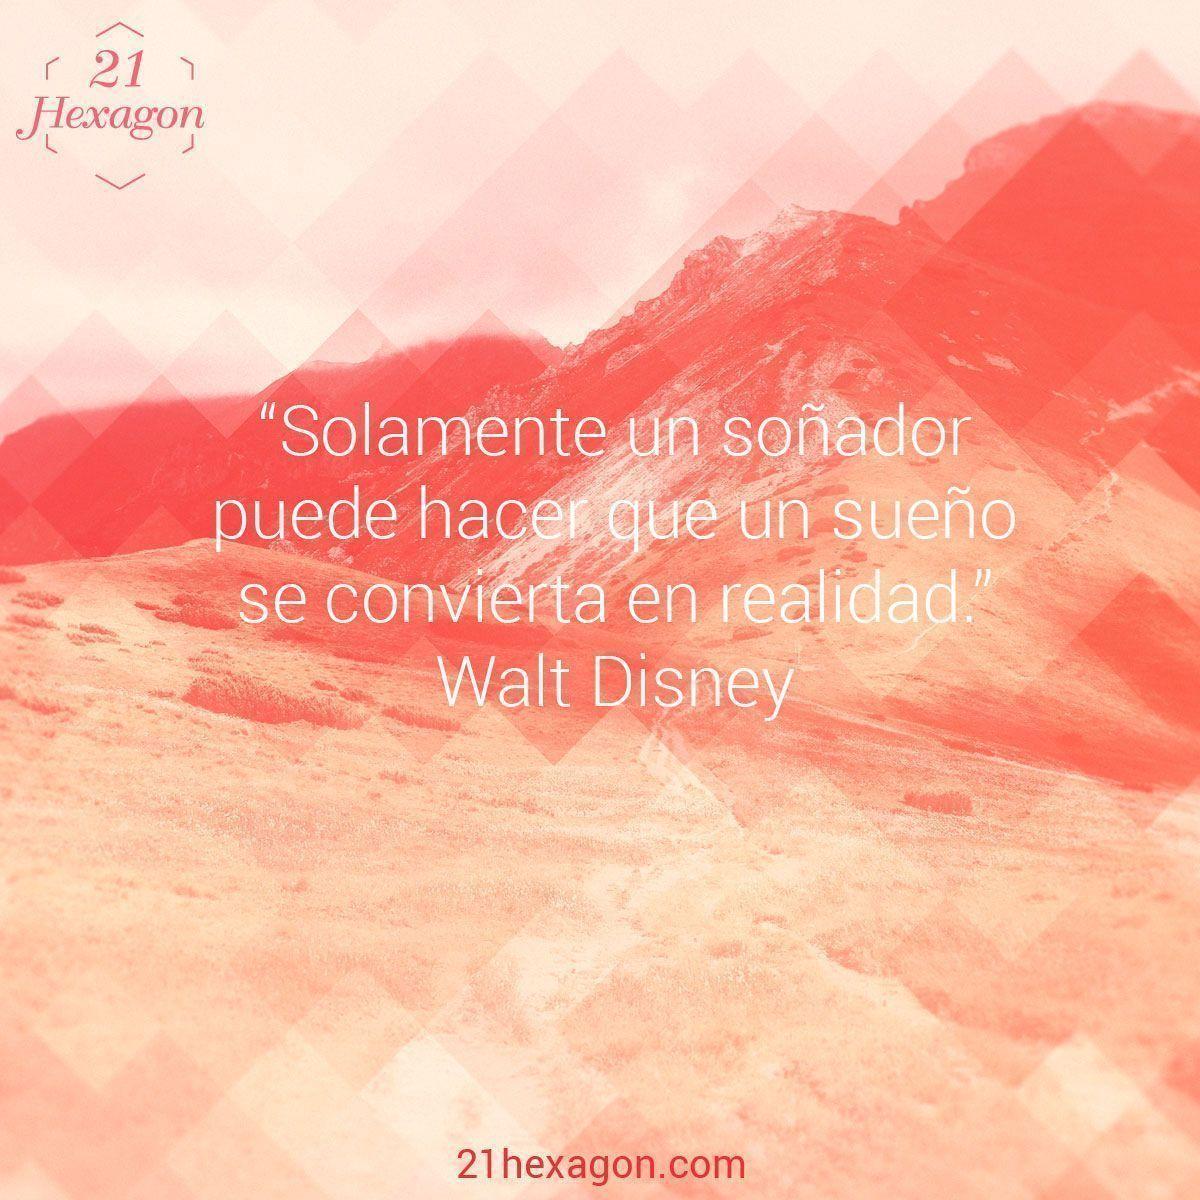 quotes_21hexagon_31.jpg